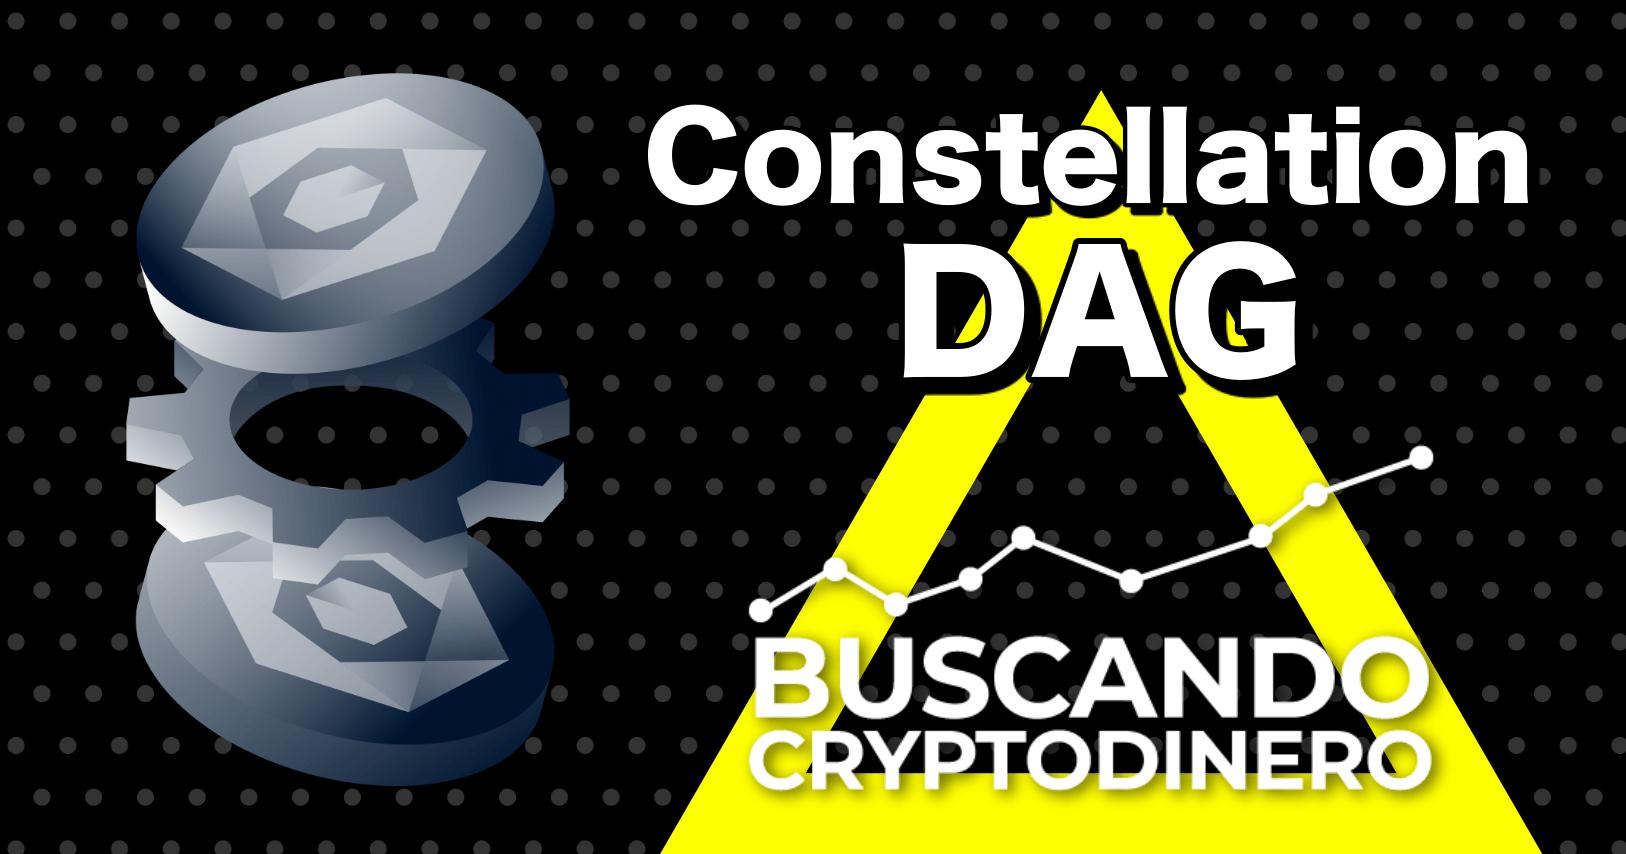 En este momento estás viendo Constellation DAG Que es? 🔥 ☞Predicción de PRECIOS 🤑 2021-2026 ☜ Me CONVIENE invertir 💰??